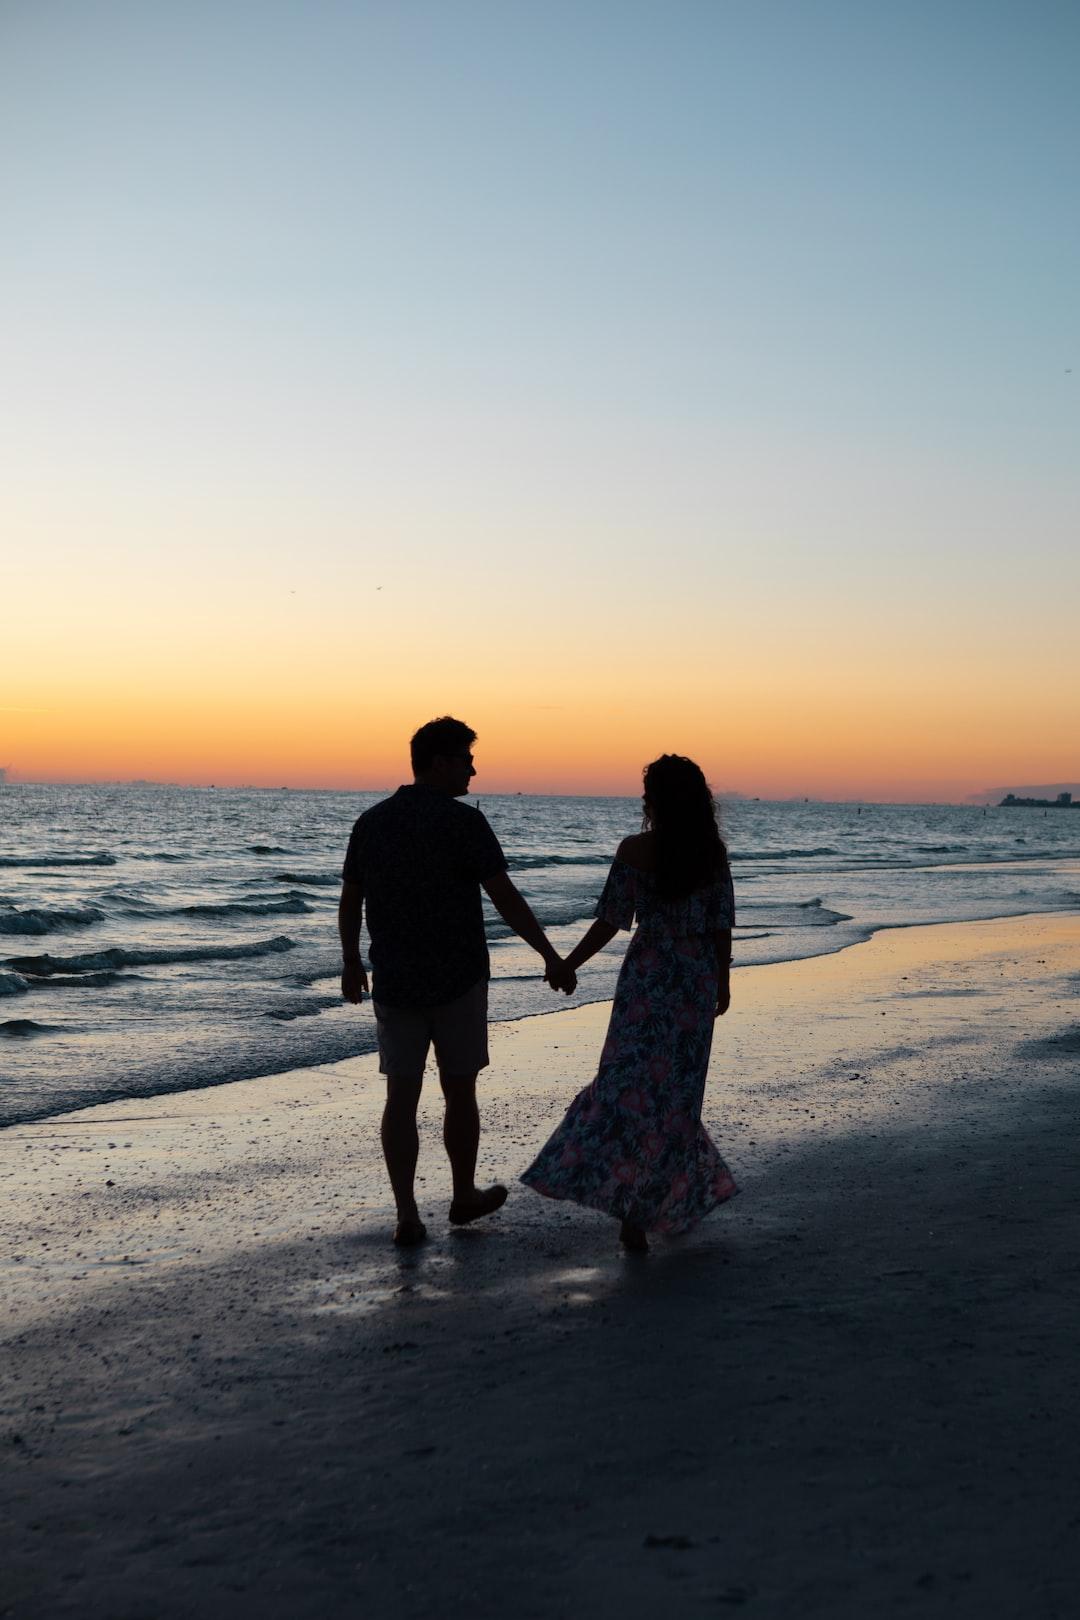 Couple on beach, Sunset